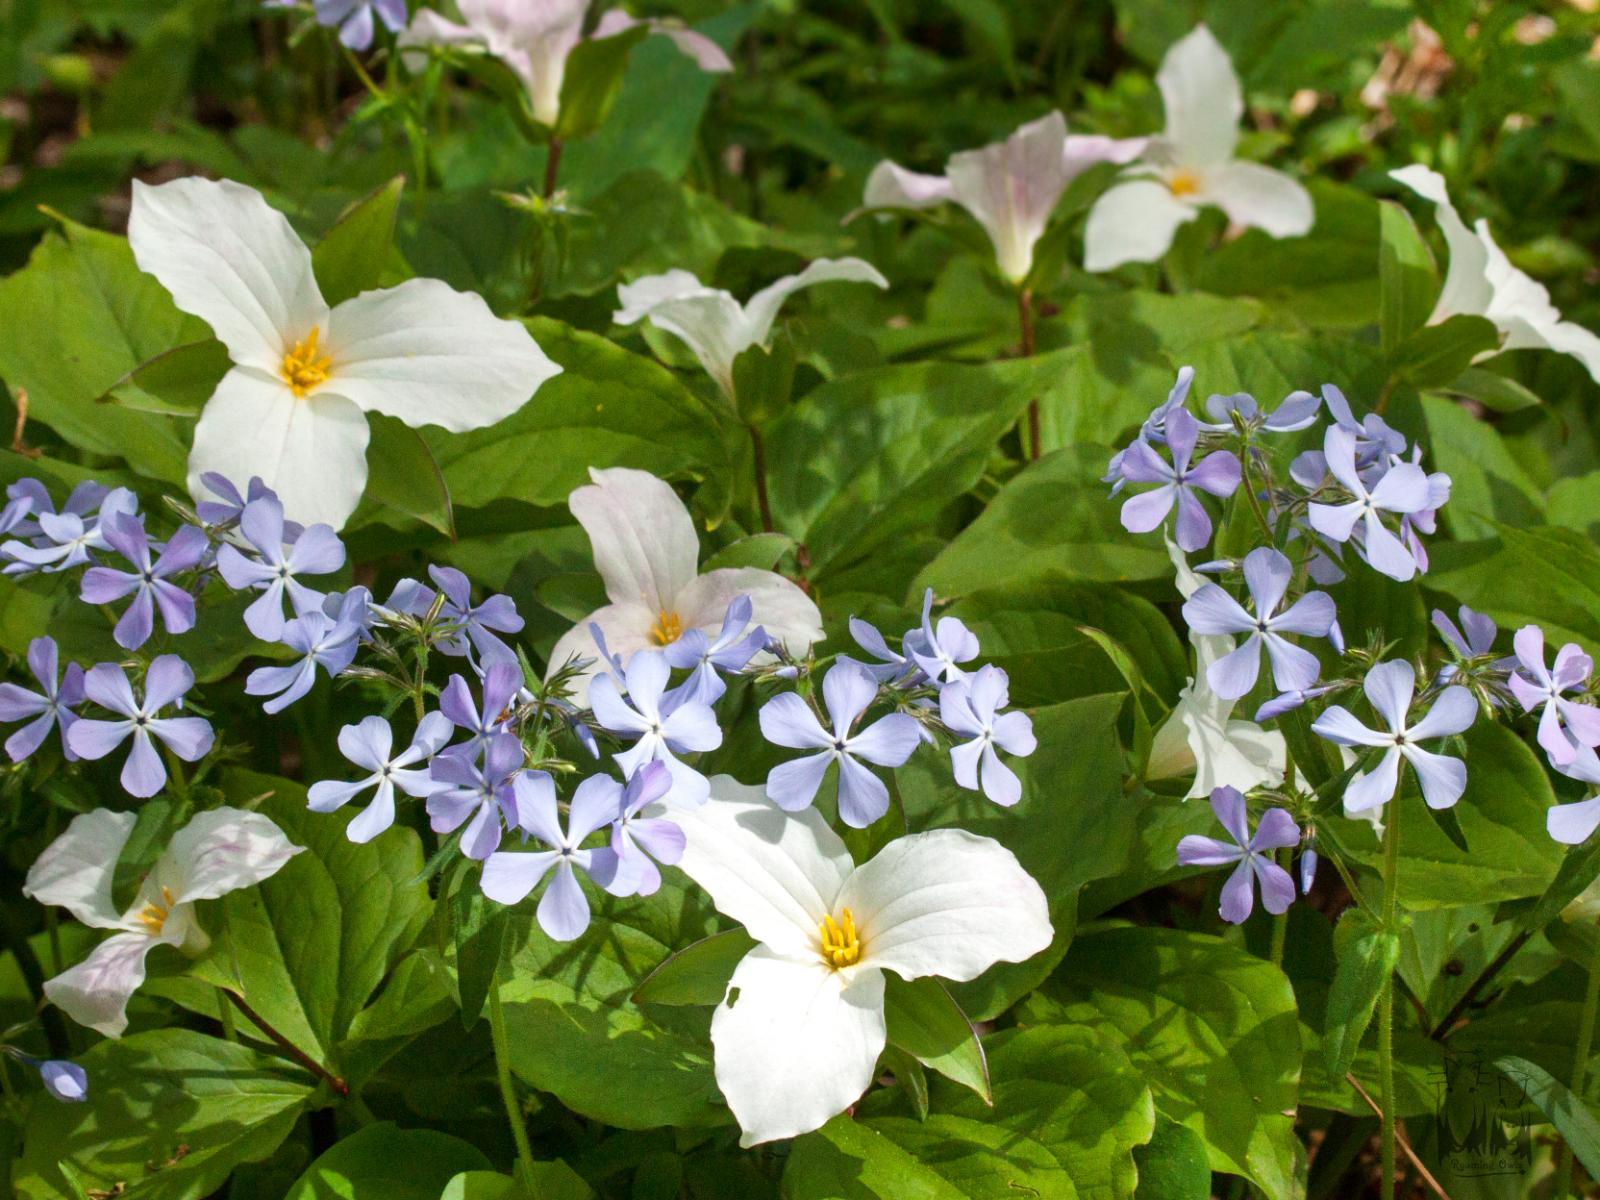 Great White trillium,Trillium grandiflorum,wild blue phox,Phlox divaricata,North Manitou flora